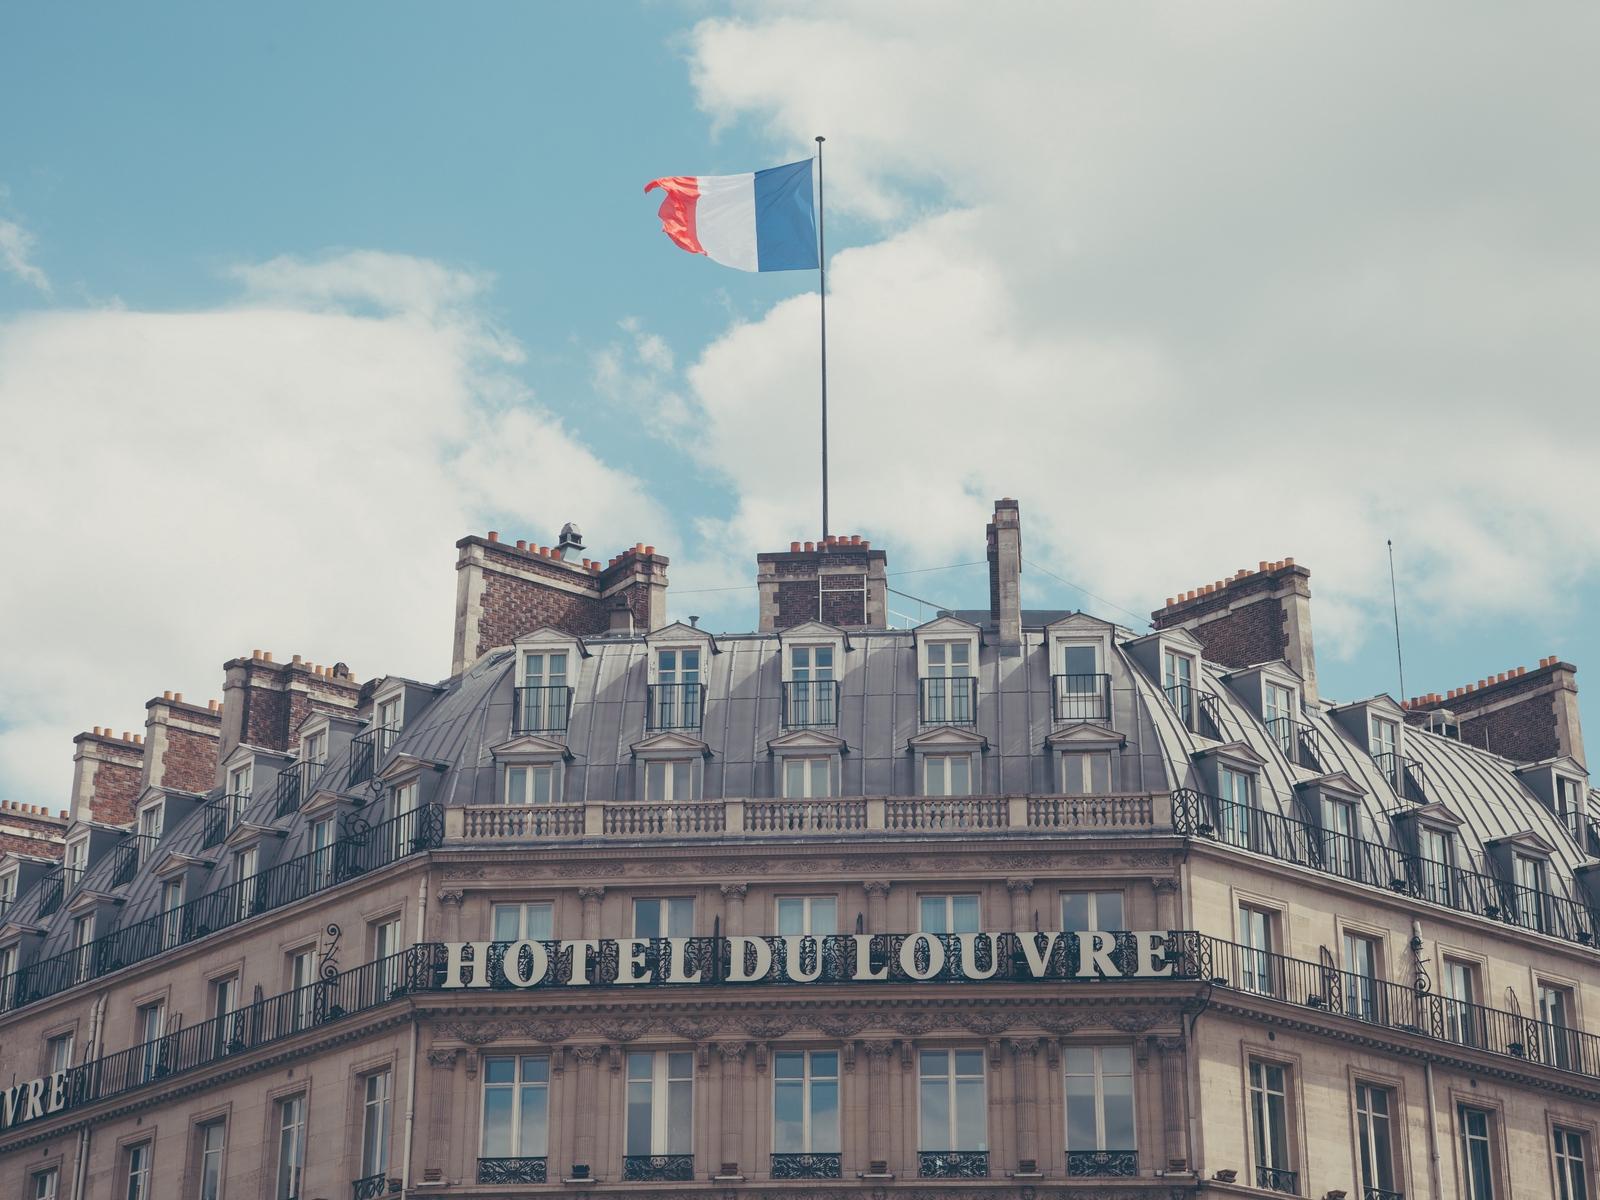 Download wallpaper 1600x1200 paris france hotel hotel du louvre 1600x1200